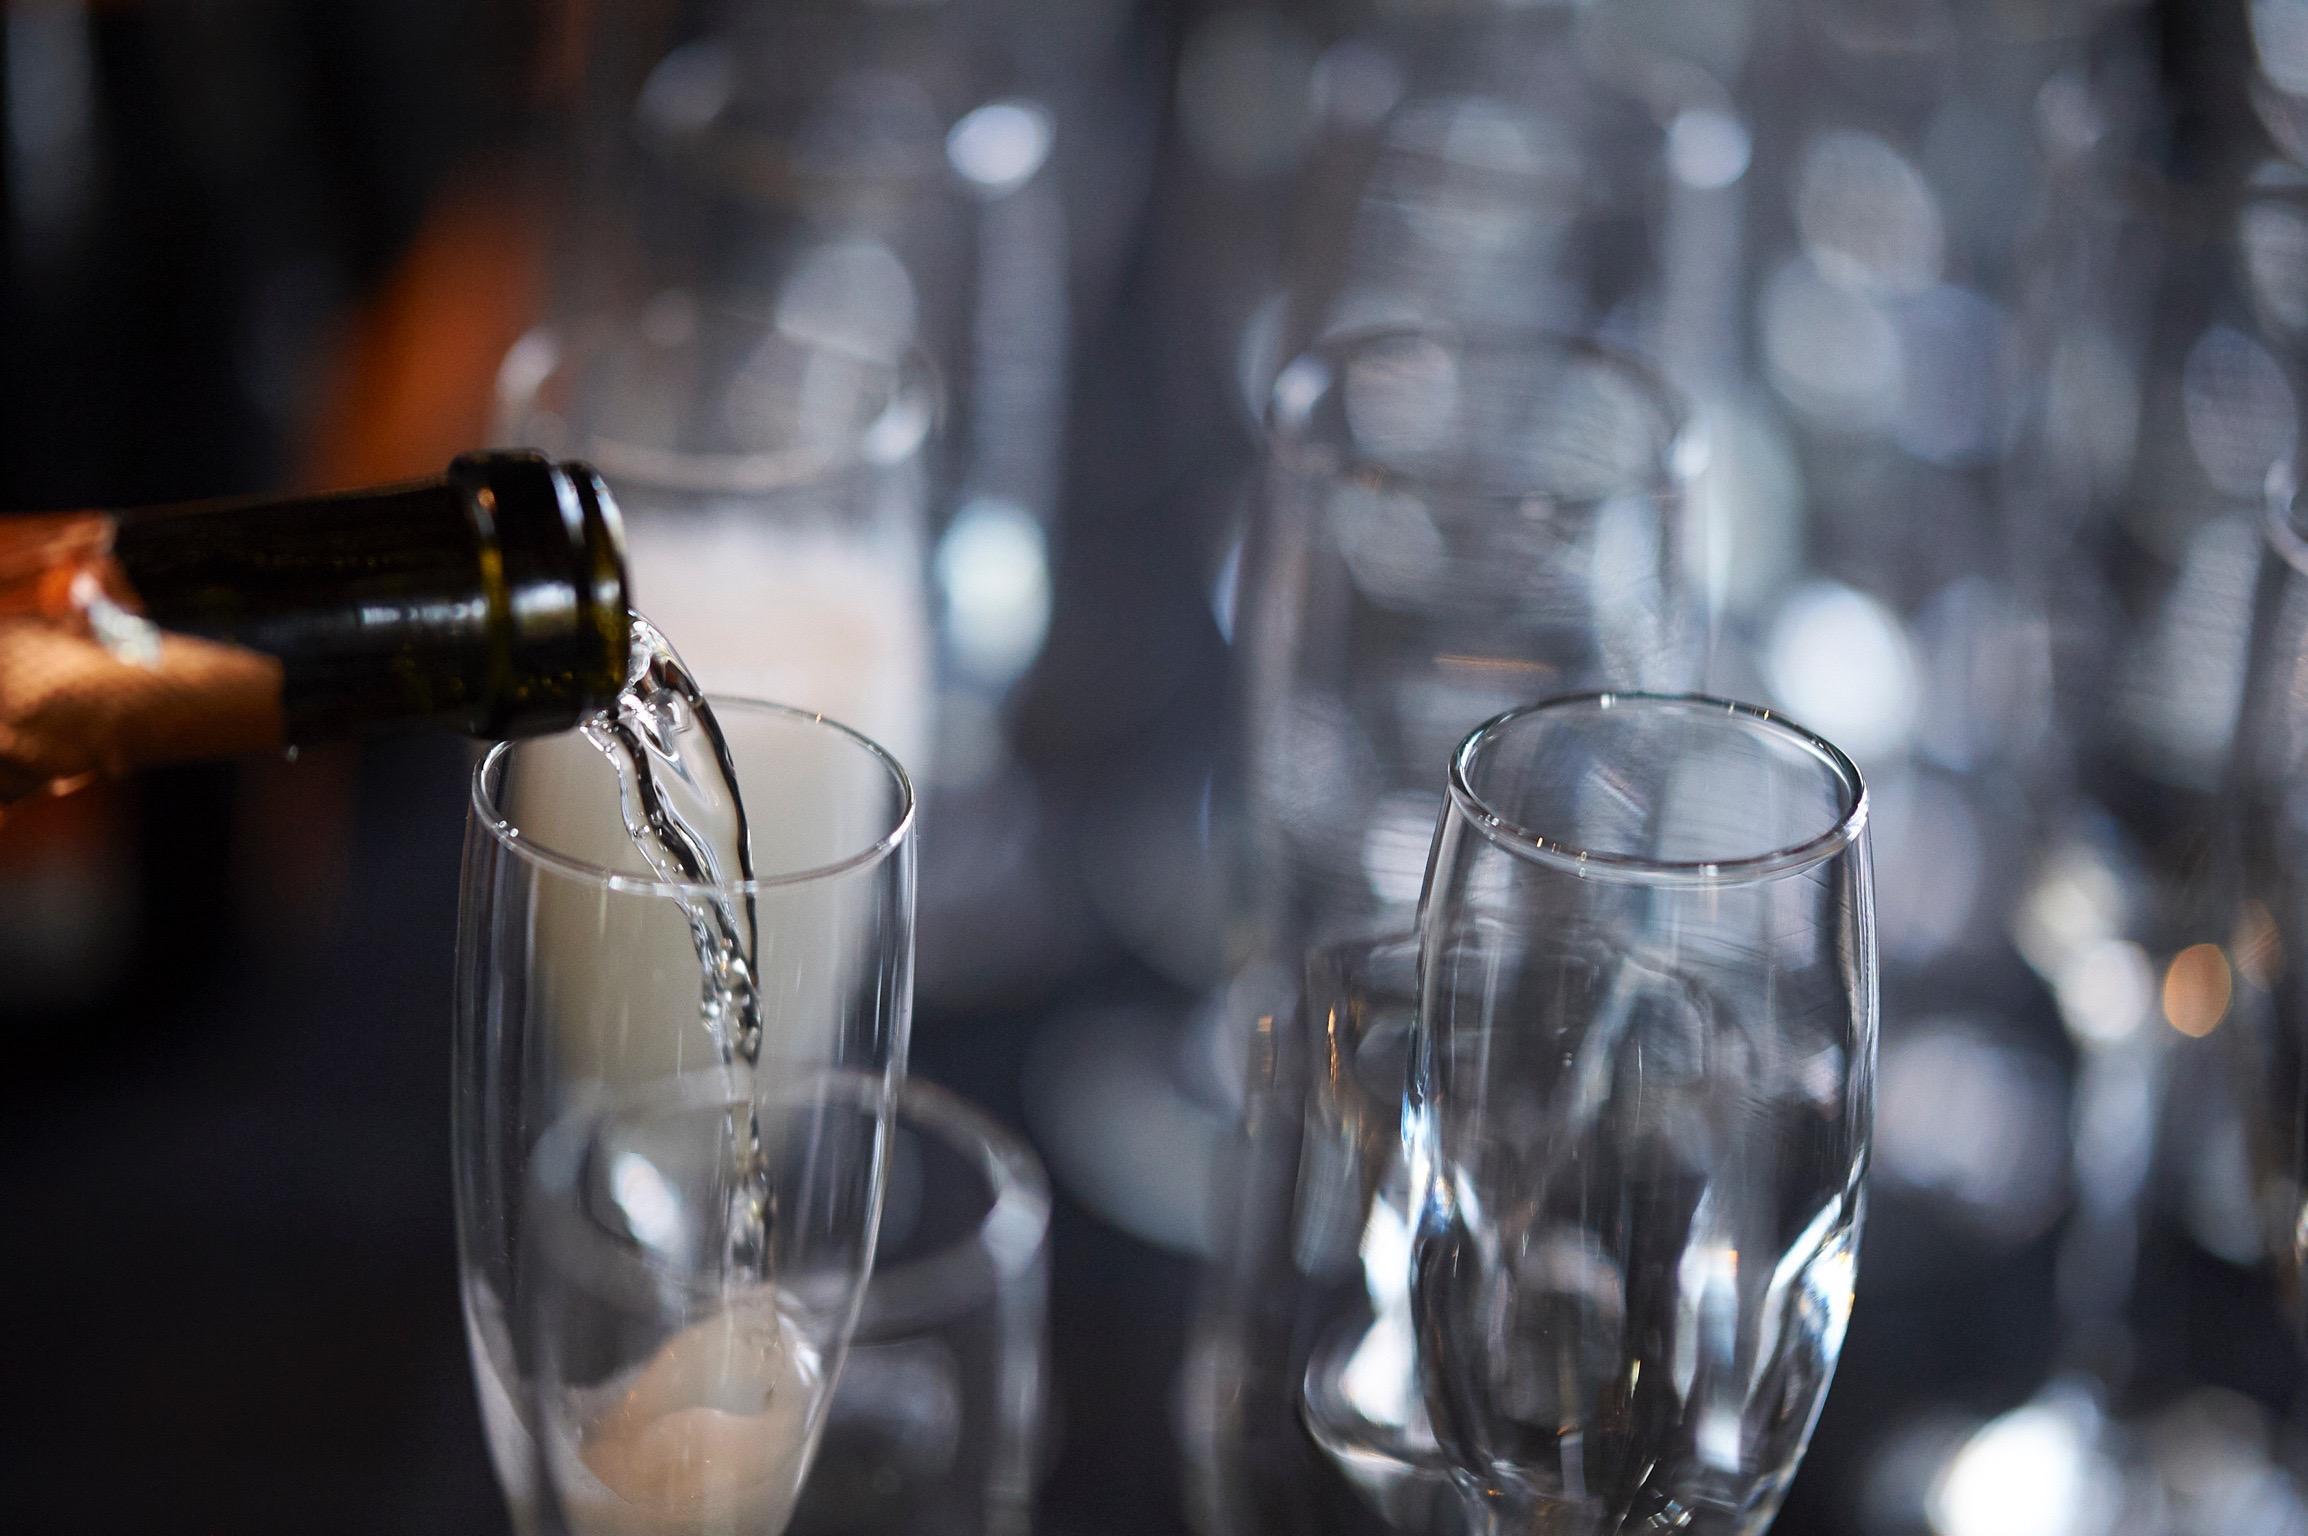 Drink Slingers Austin Event Bartenders Image 64